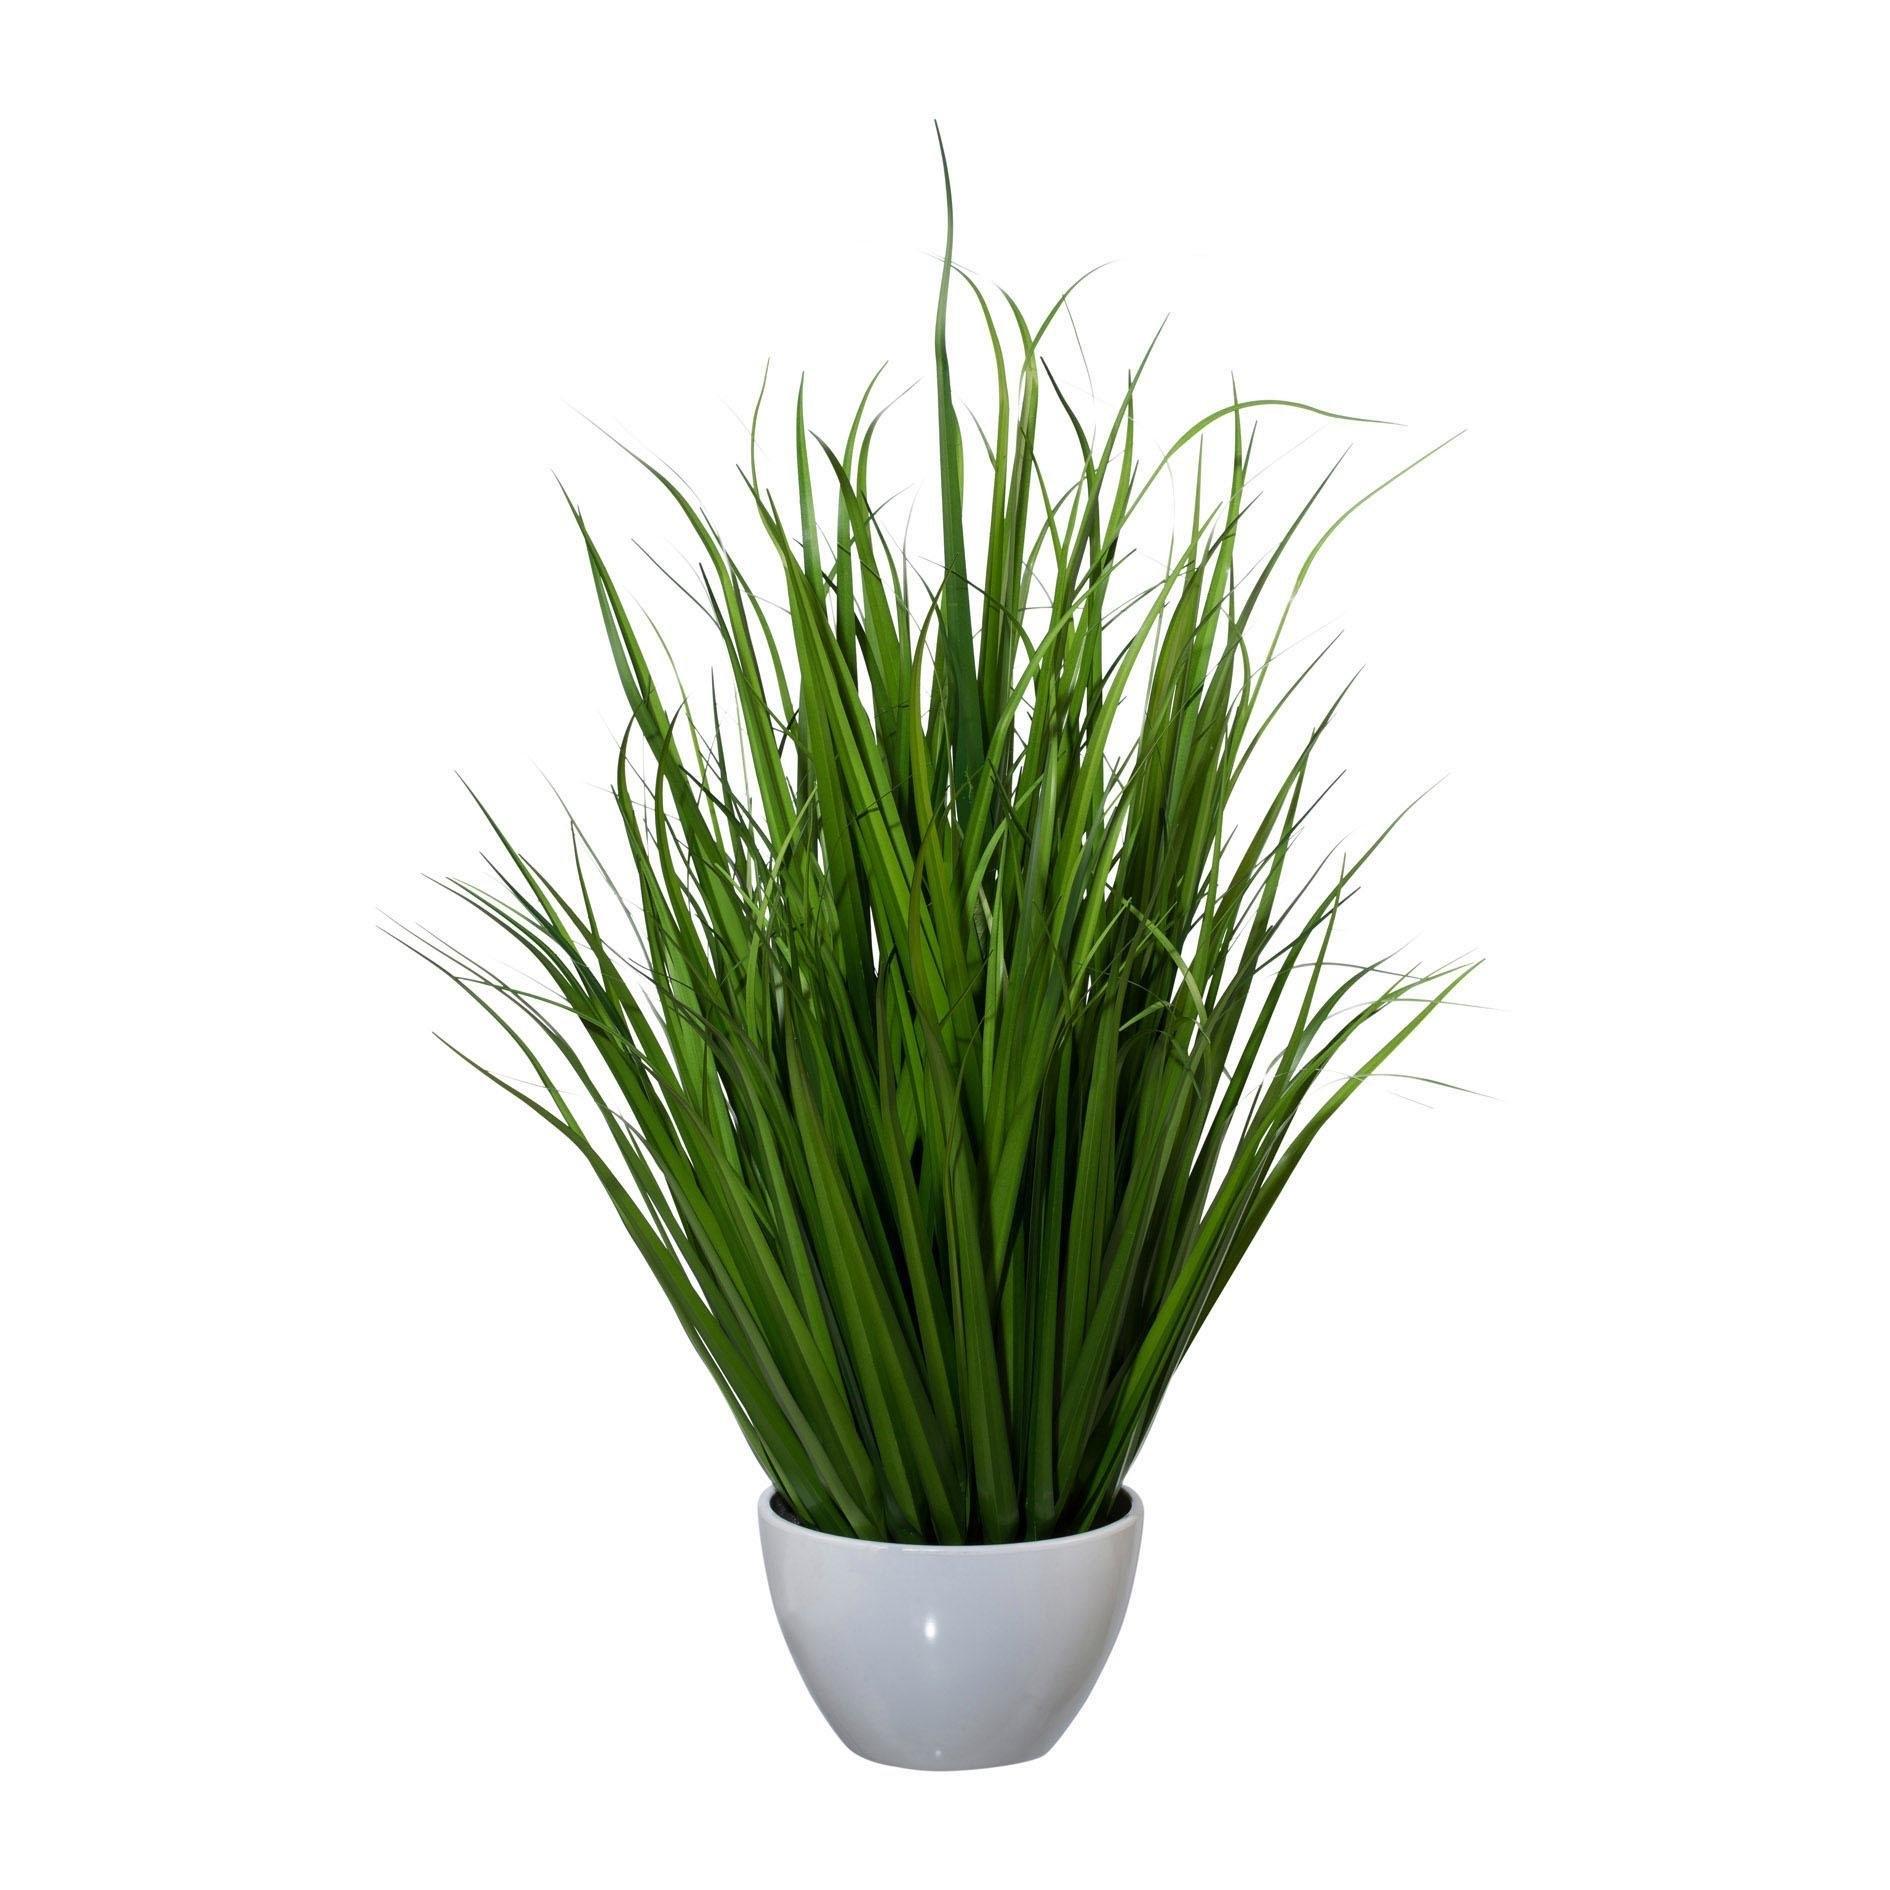 Creativ green kunstgras (1 stuk) goedkoop op otto.nl kopen